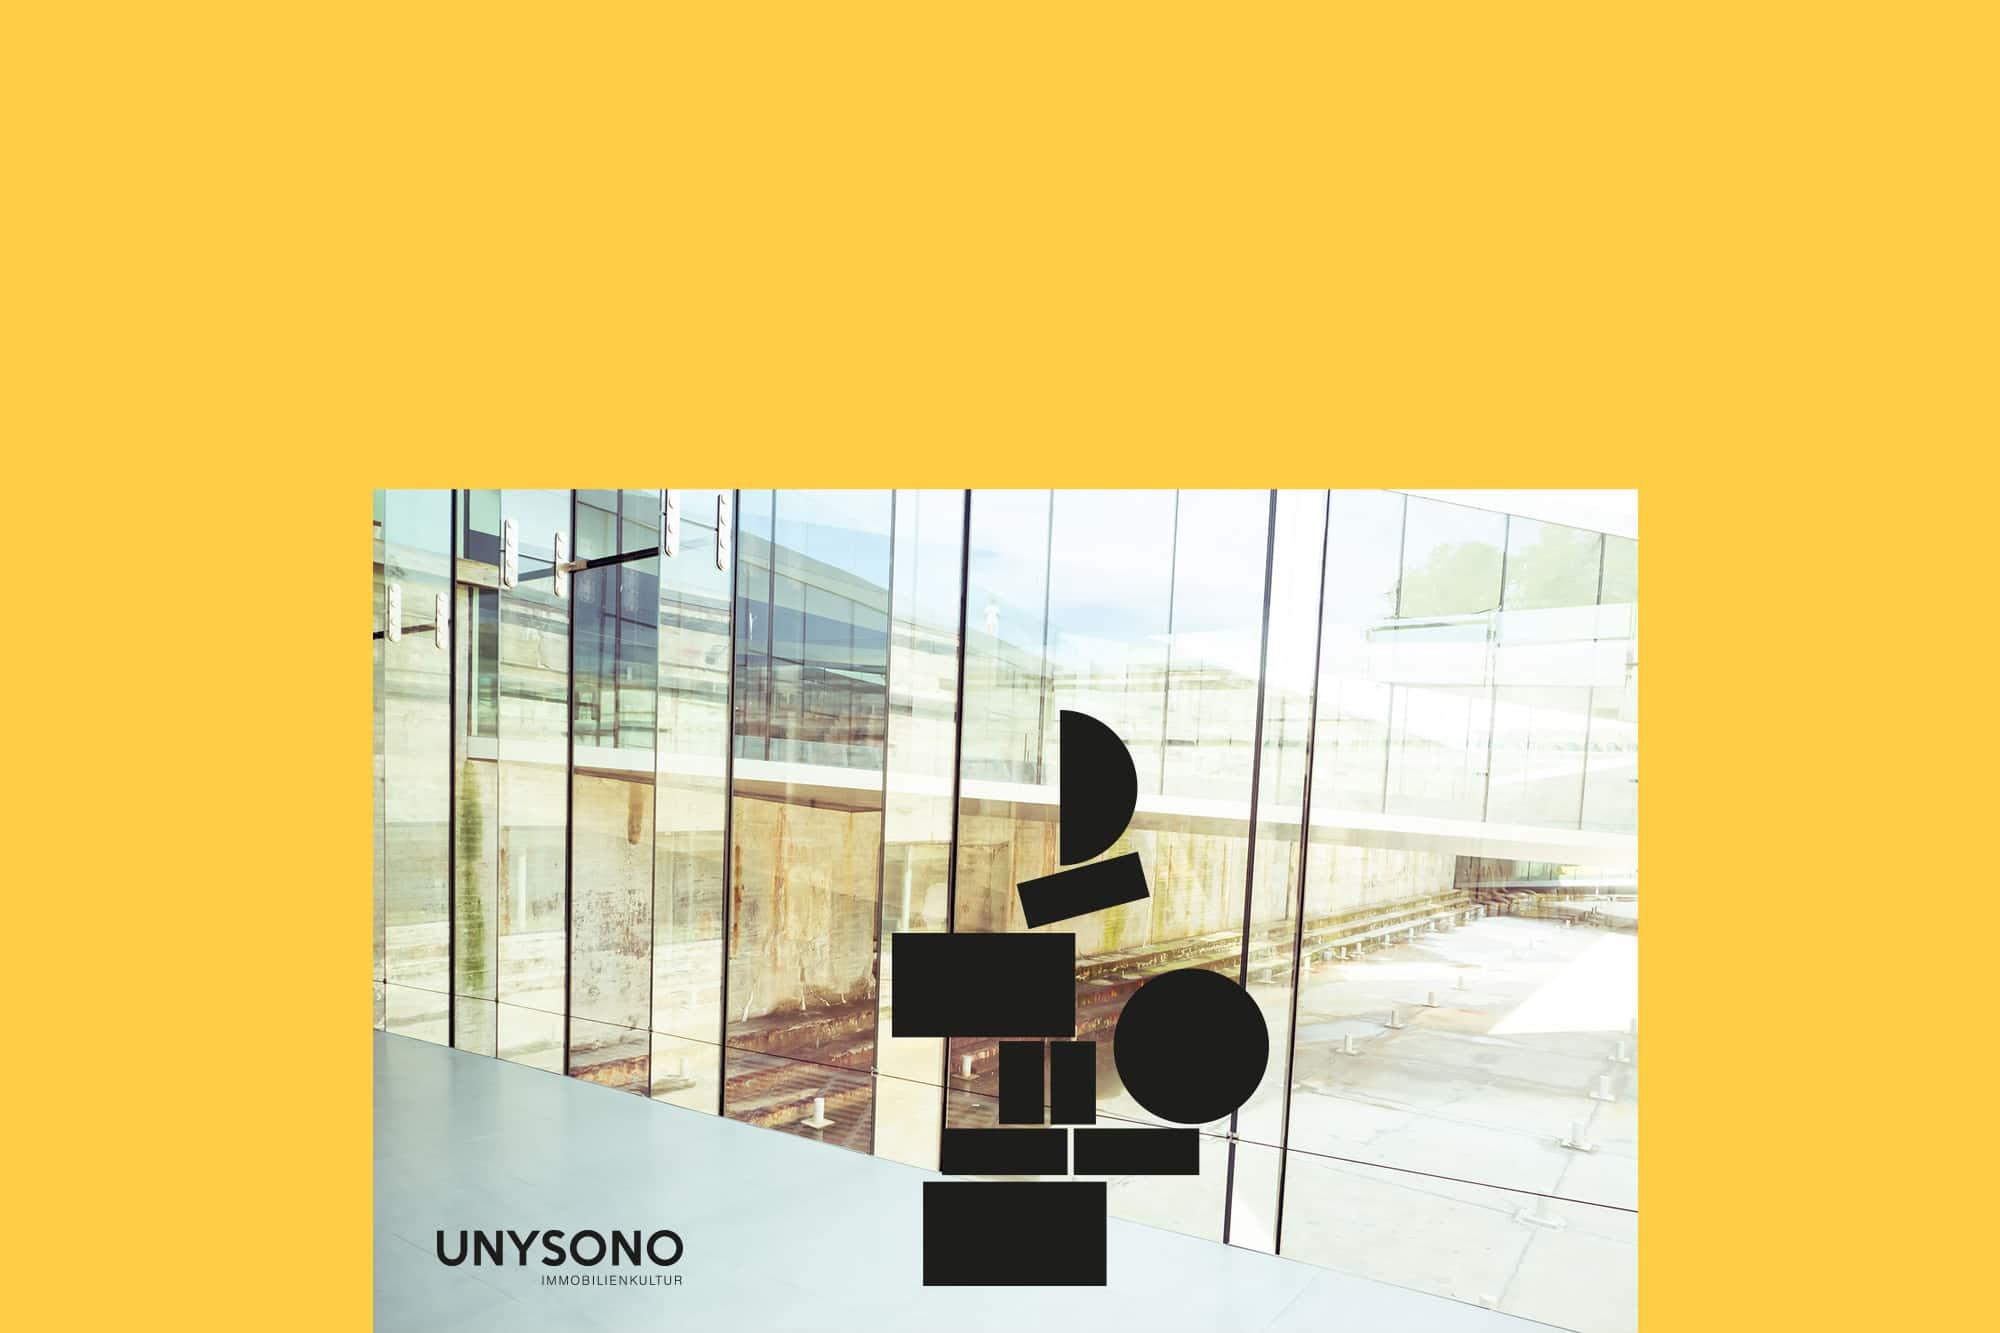 planx-UNYSONO-CorporateDesign-Foto03